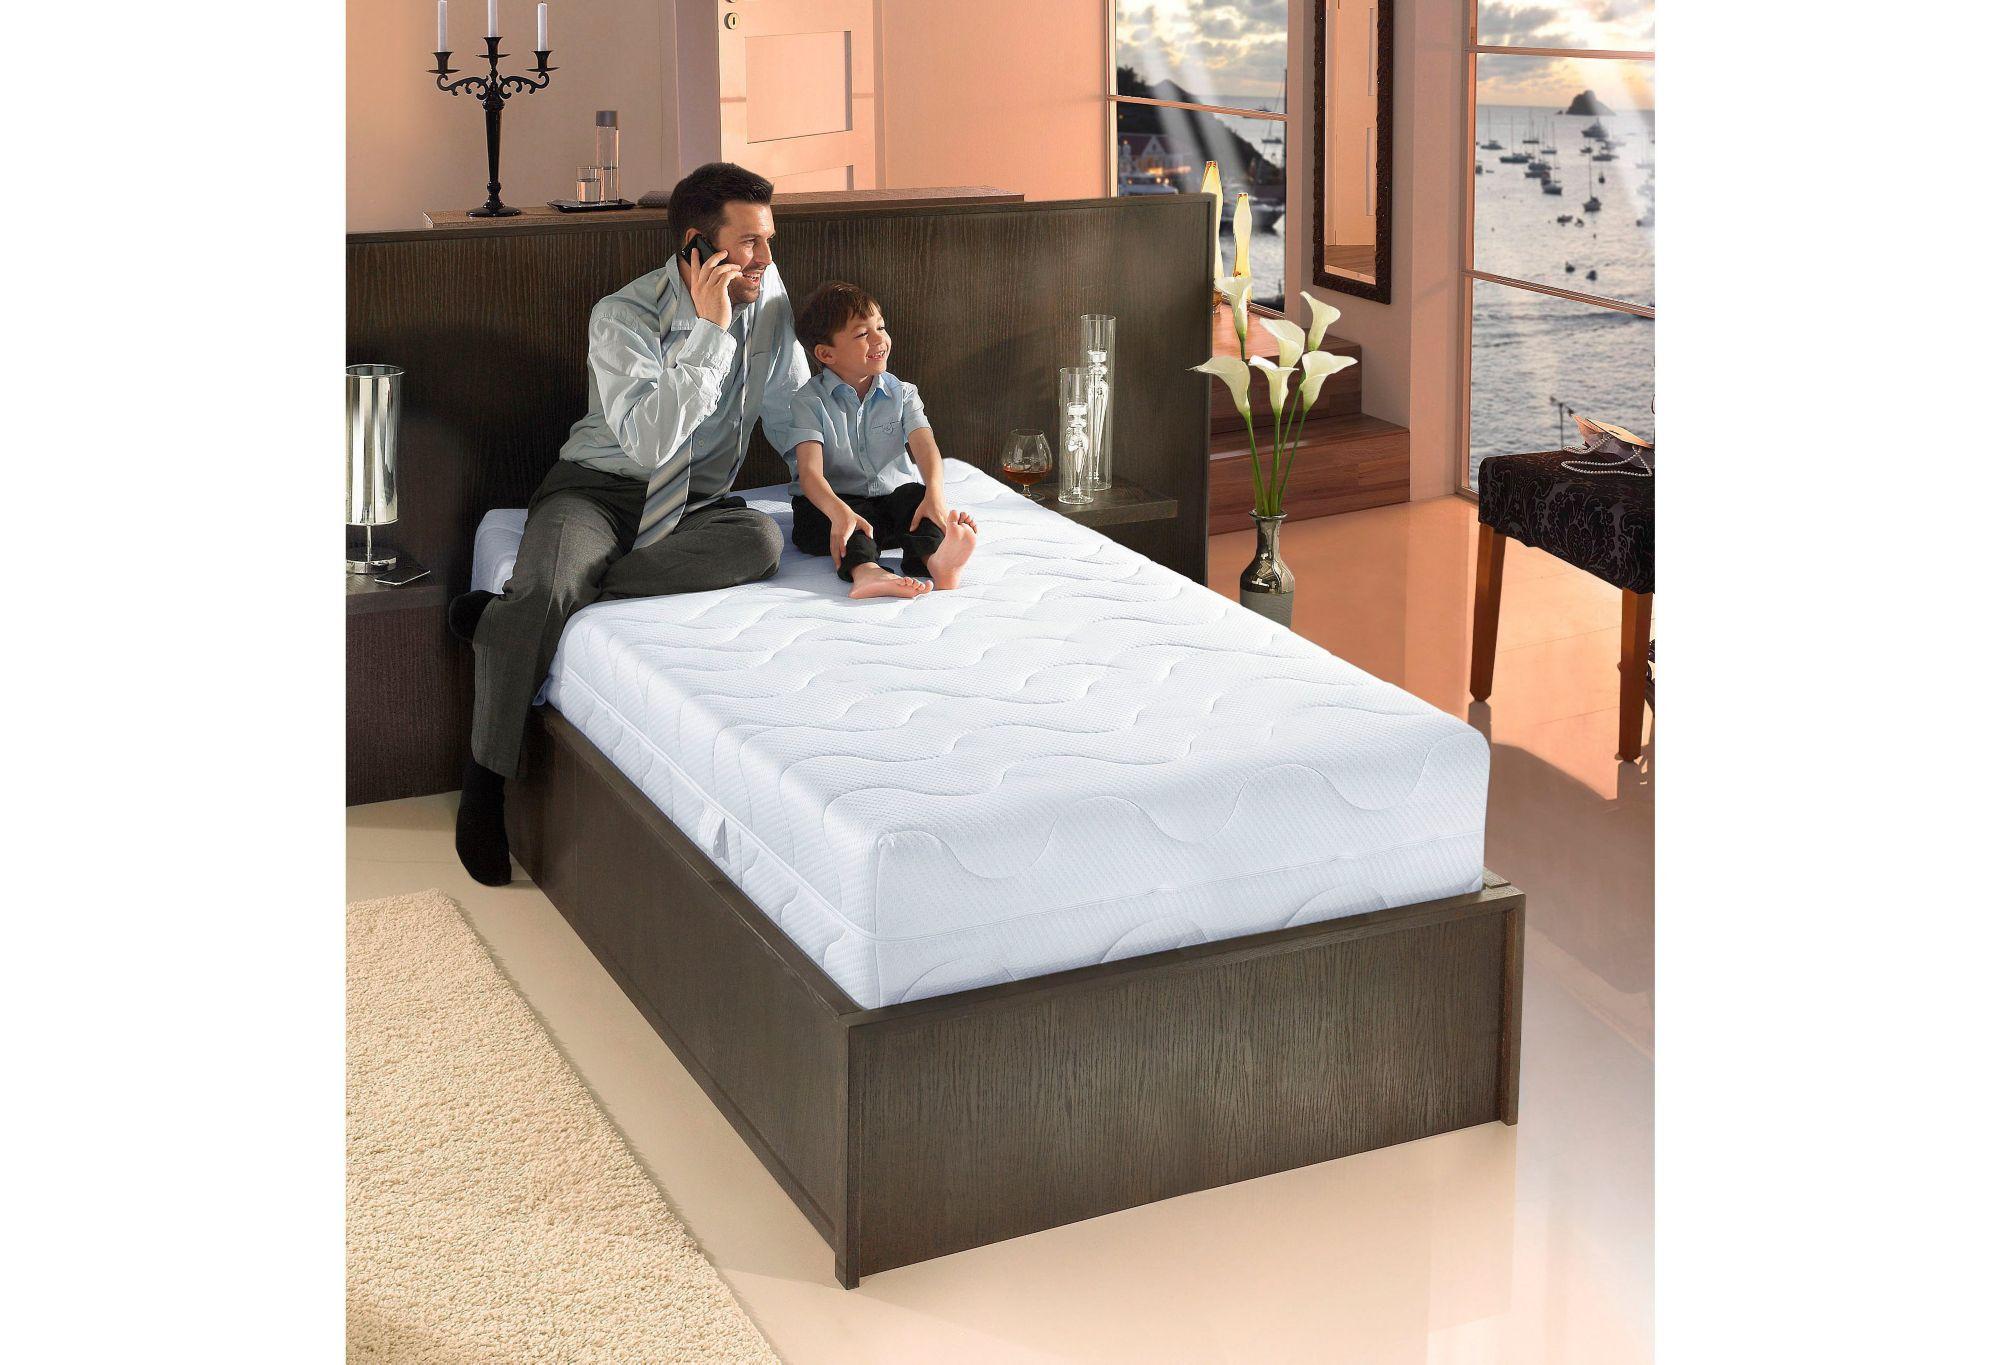 taschenfederkernmatratze 5 sterne beco schwab versand matratzen. Black Bedroom Furniture Sets. Home Design Ideas